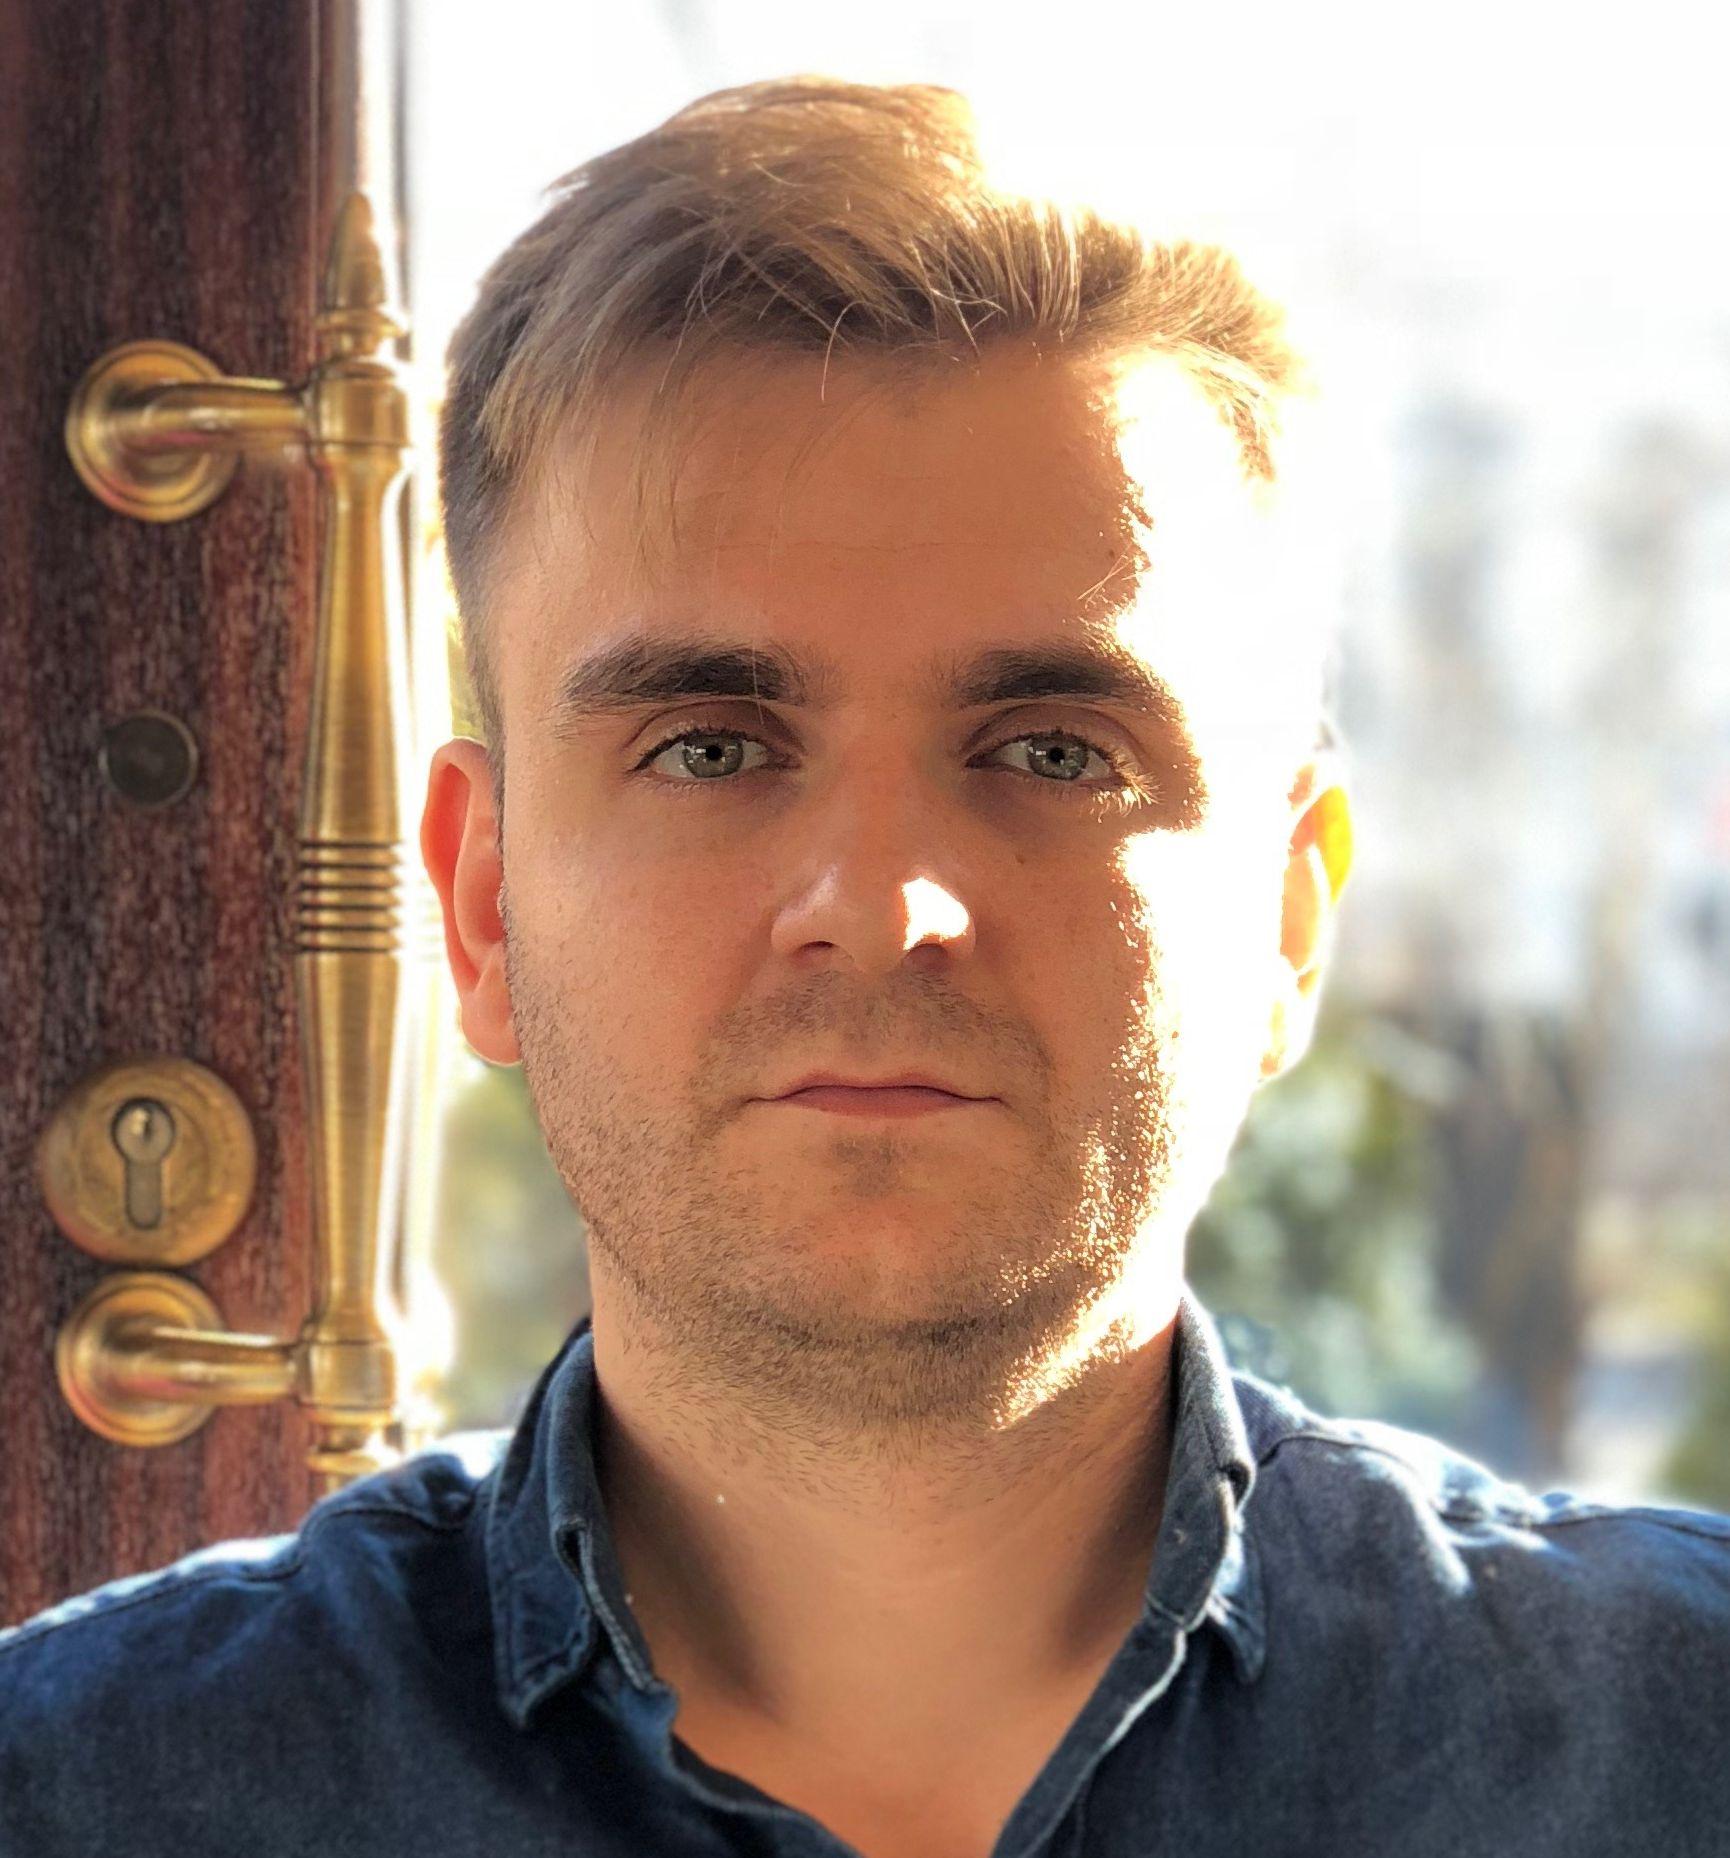 Stefan Ciuca